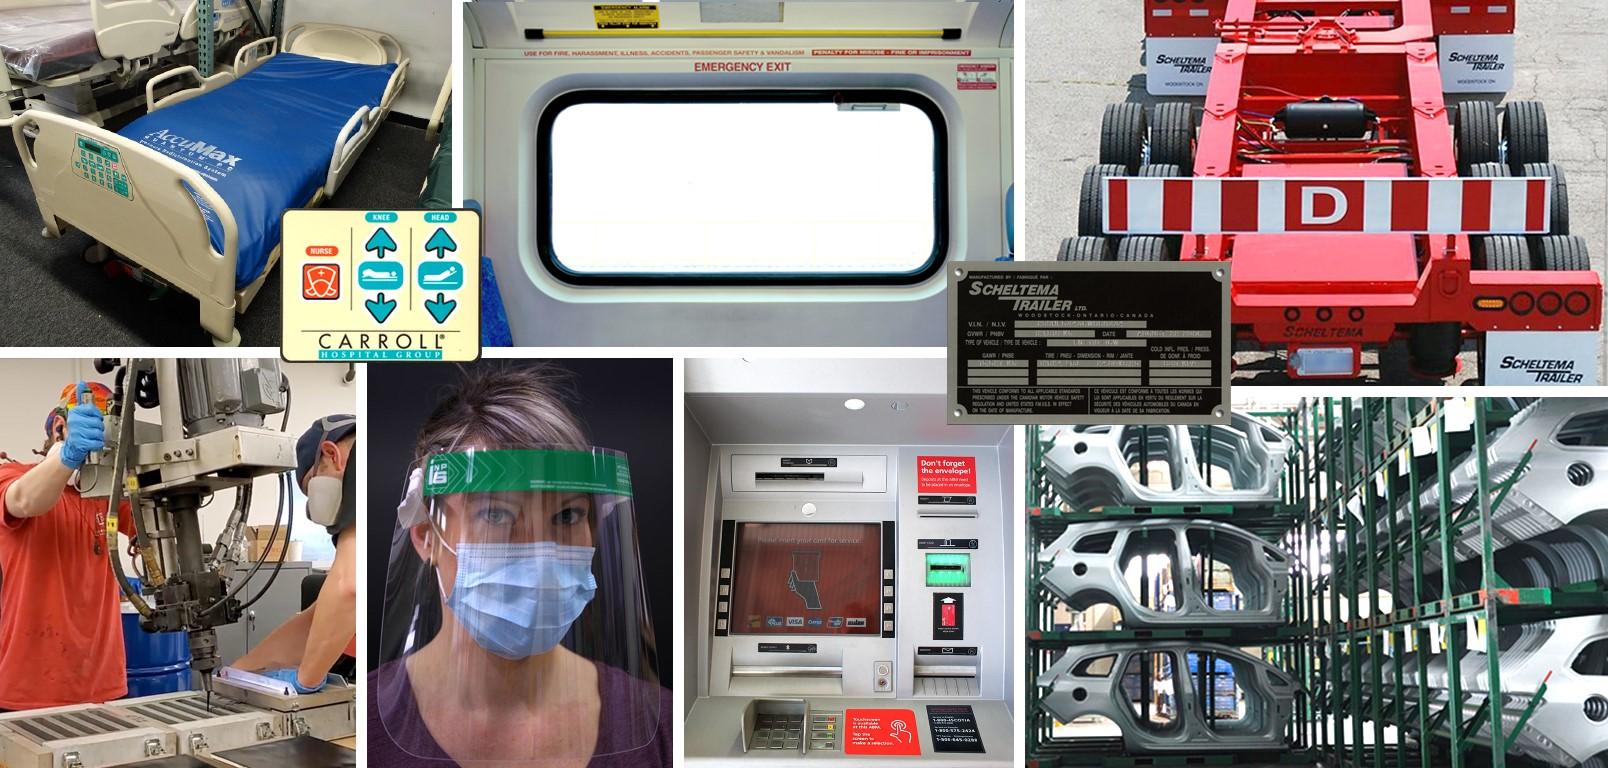 oem-original-equipment-manufacturer-faceshields